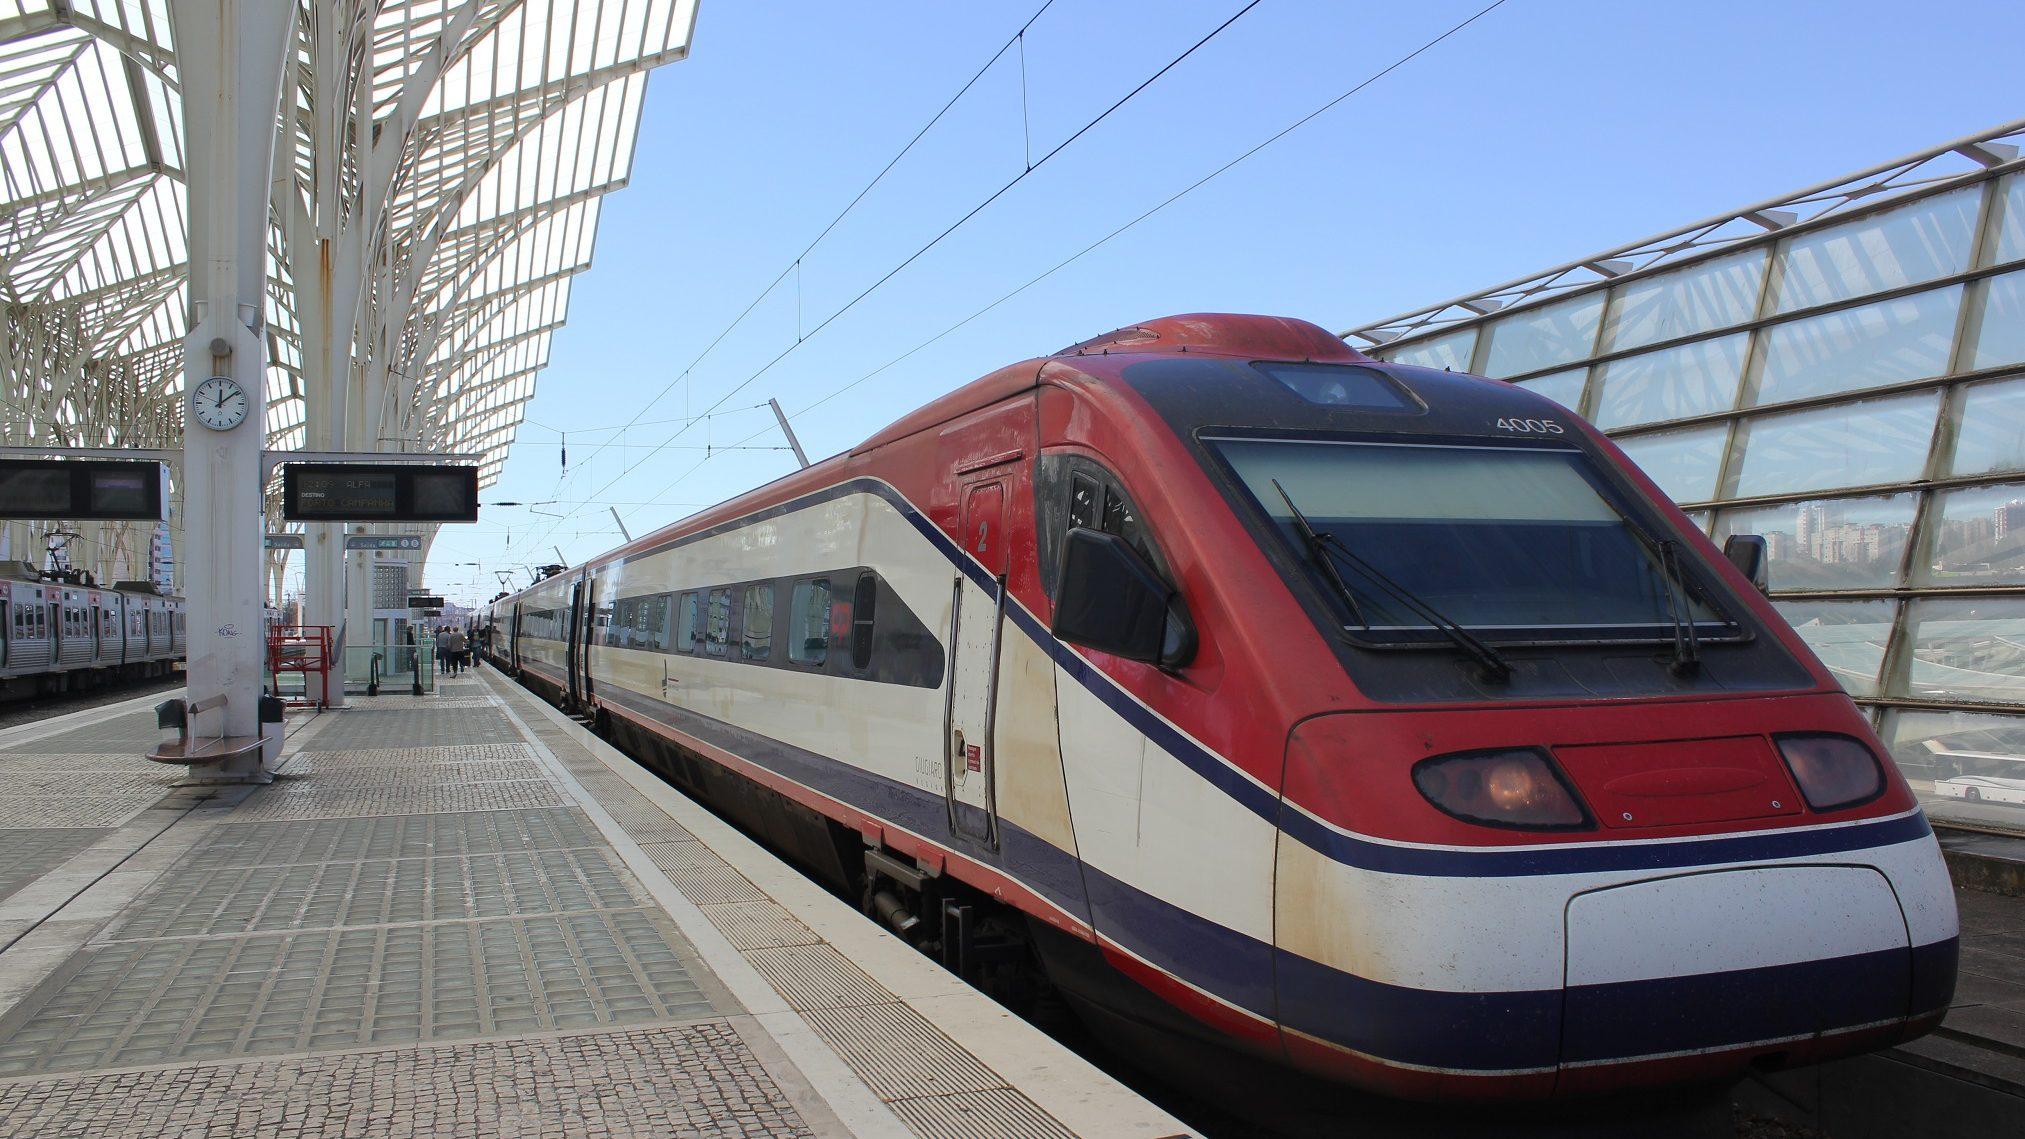 Greve paralisa circulação de comboios na segunda-feira